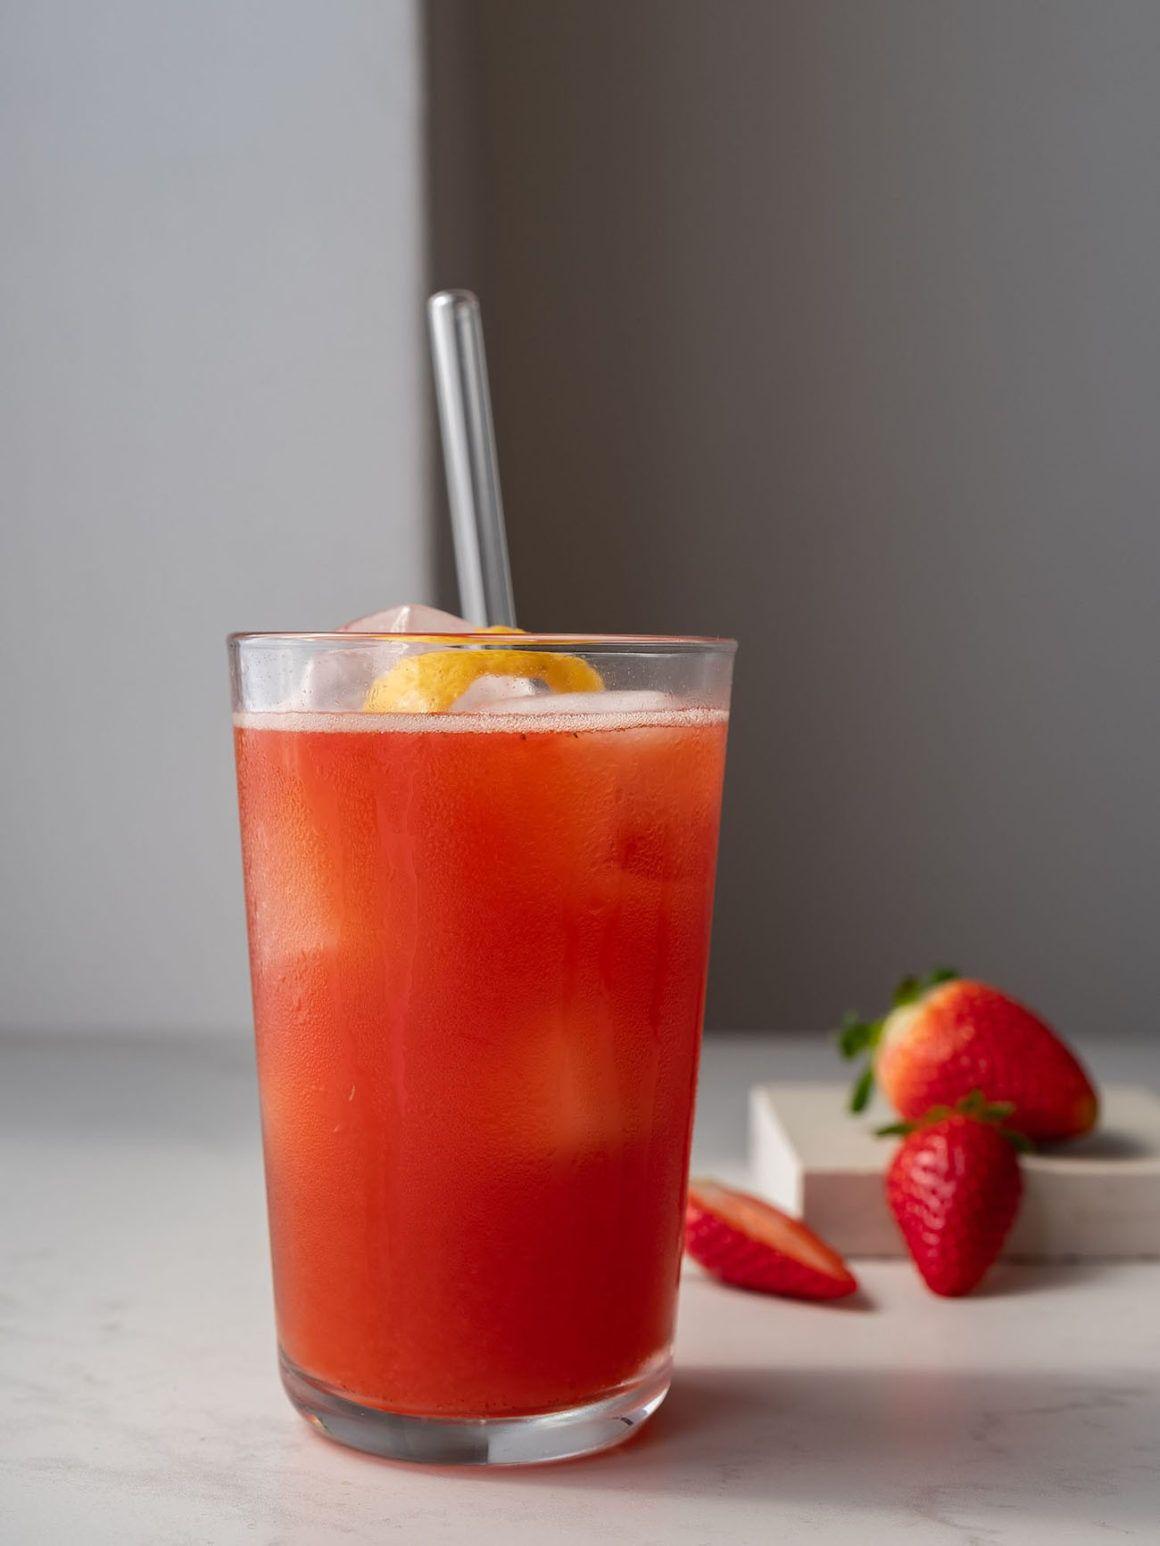 Foodblog, About Fuel, Rezept, Erdbeer-Rhabarber-Cooler, Drink, Erdbeeren